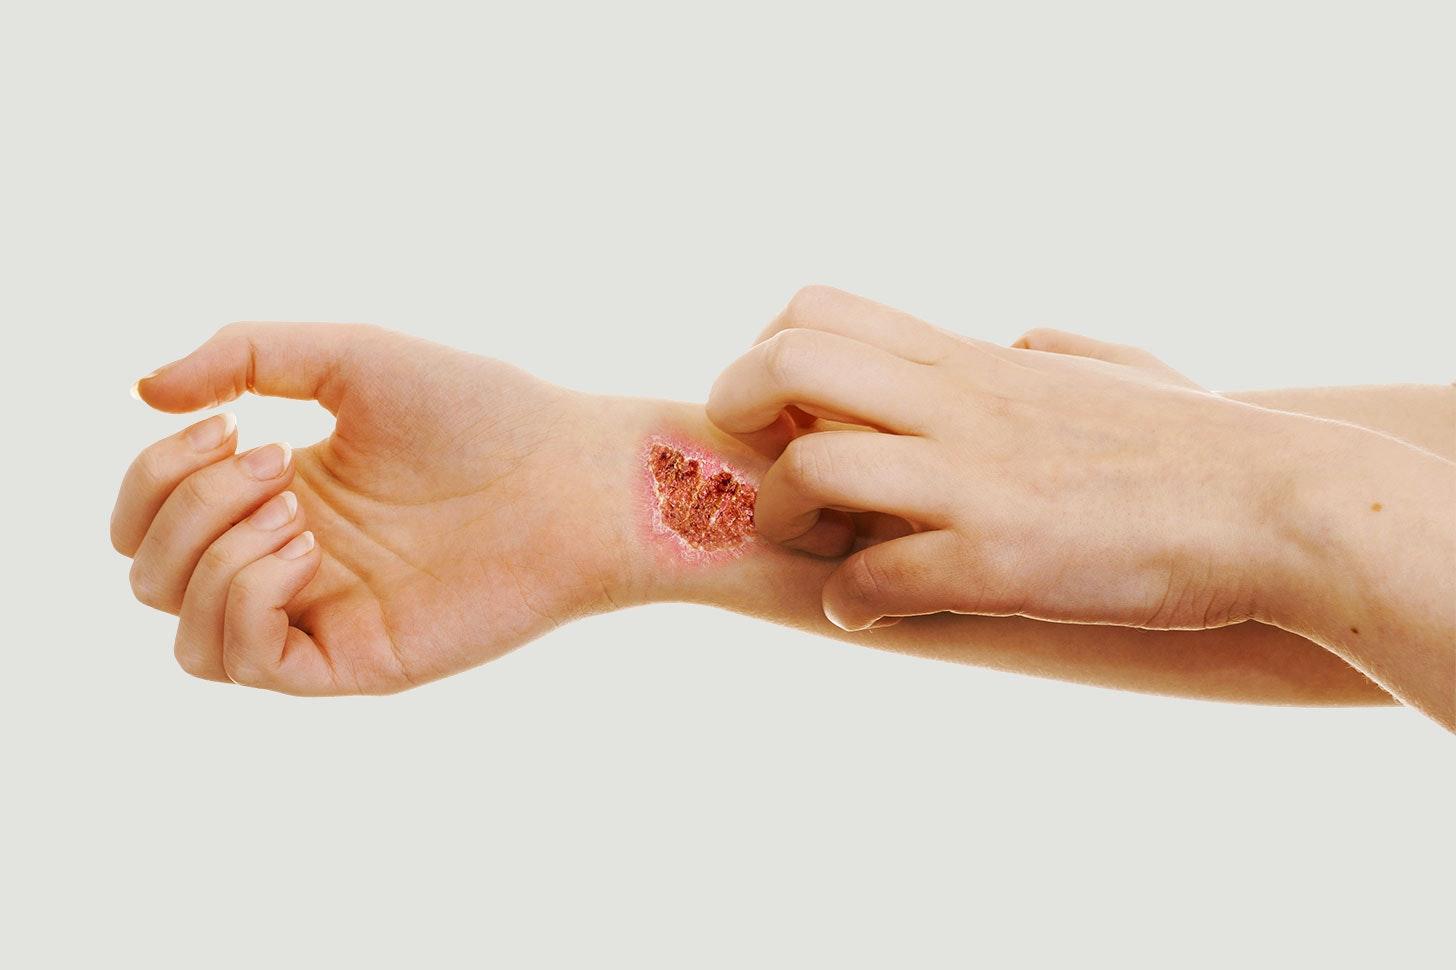 små sår der klør